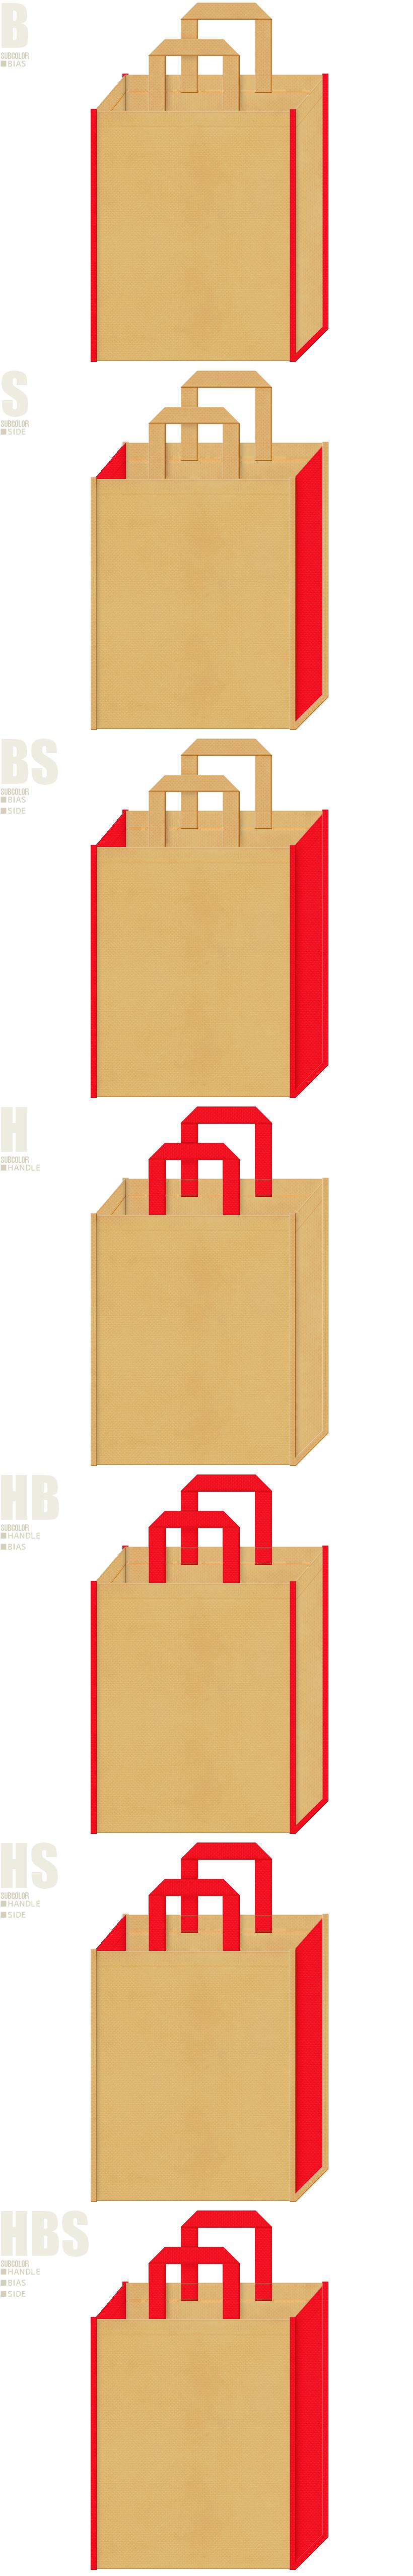 赤鬼・節分・大豆・一合枡・和風催事にお奨めの不織布バッグデザイン:薄黄土色と赤色の配色7パターン。